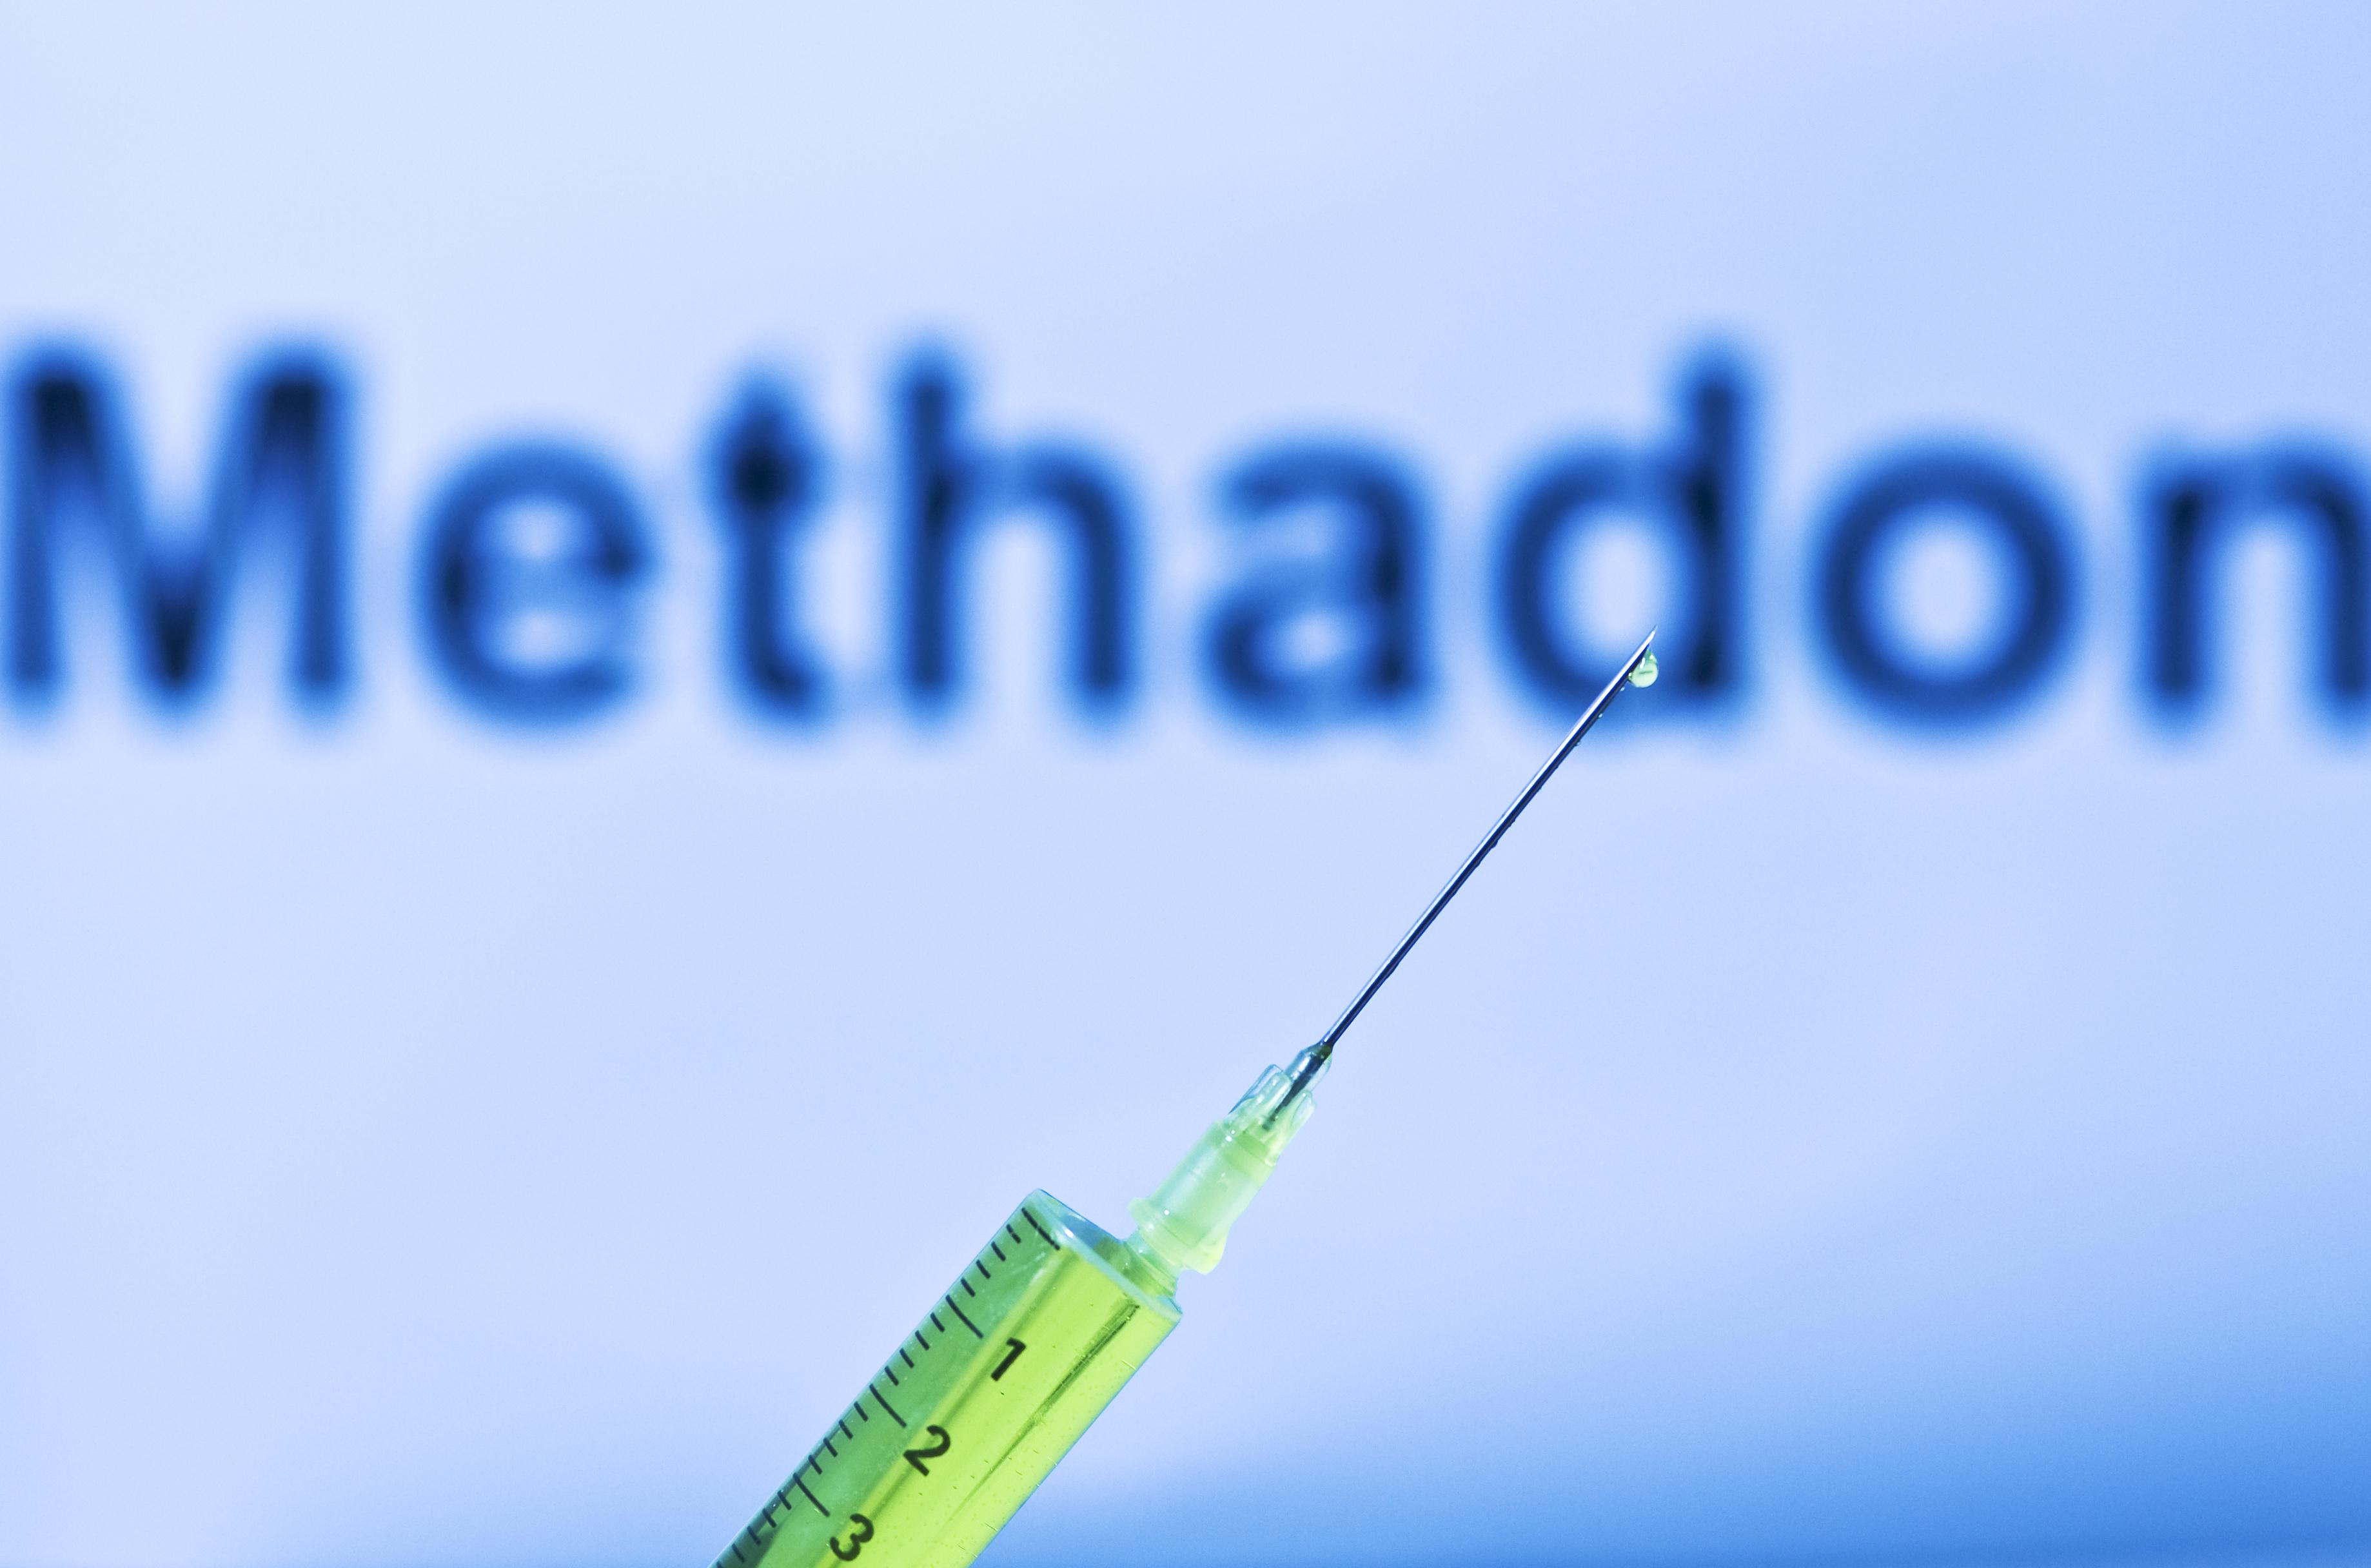 Nuevo test de saliva para buprenorfina y metadona